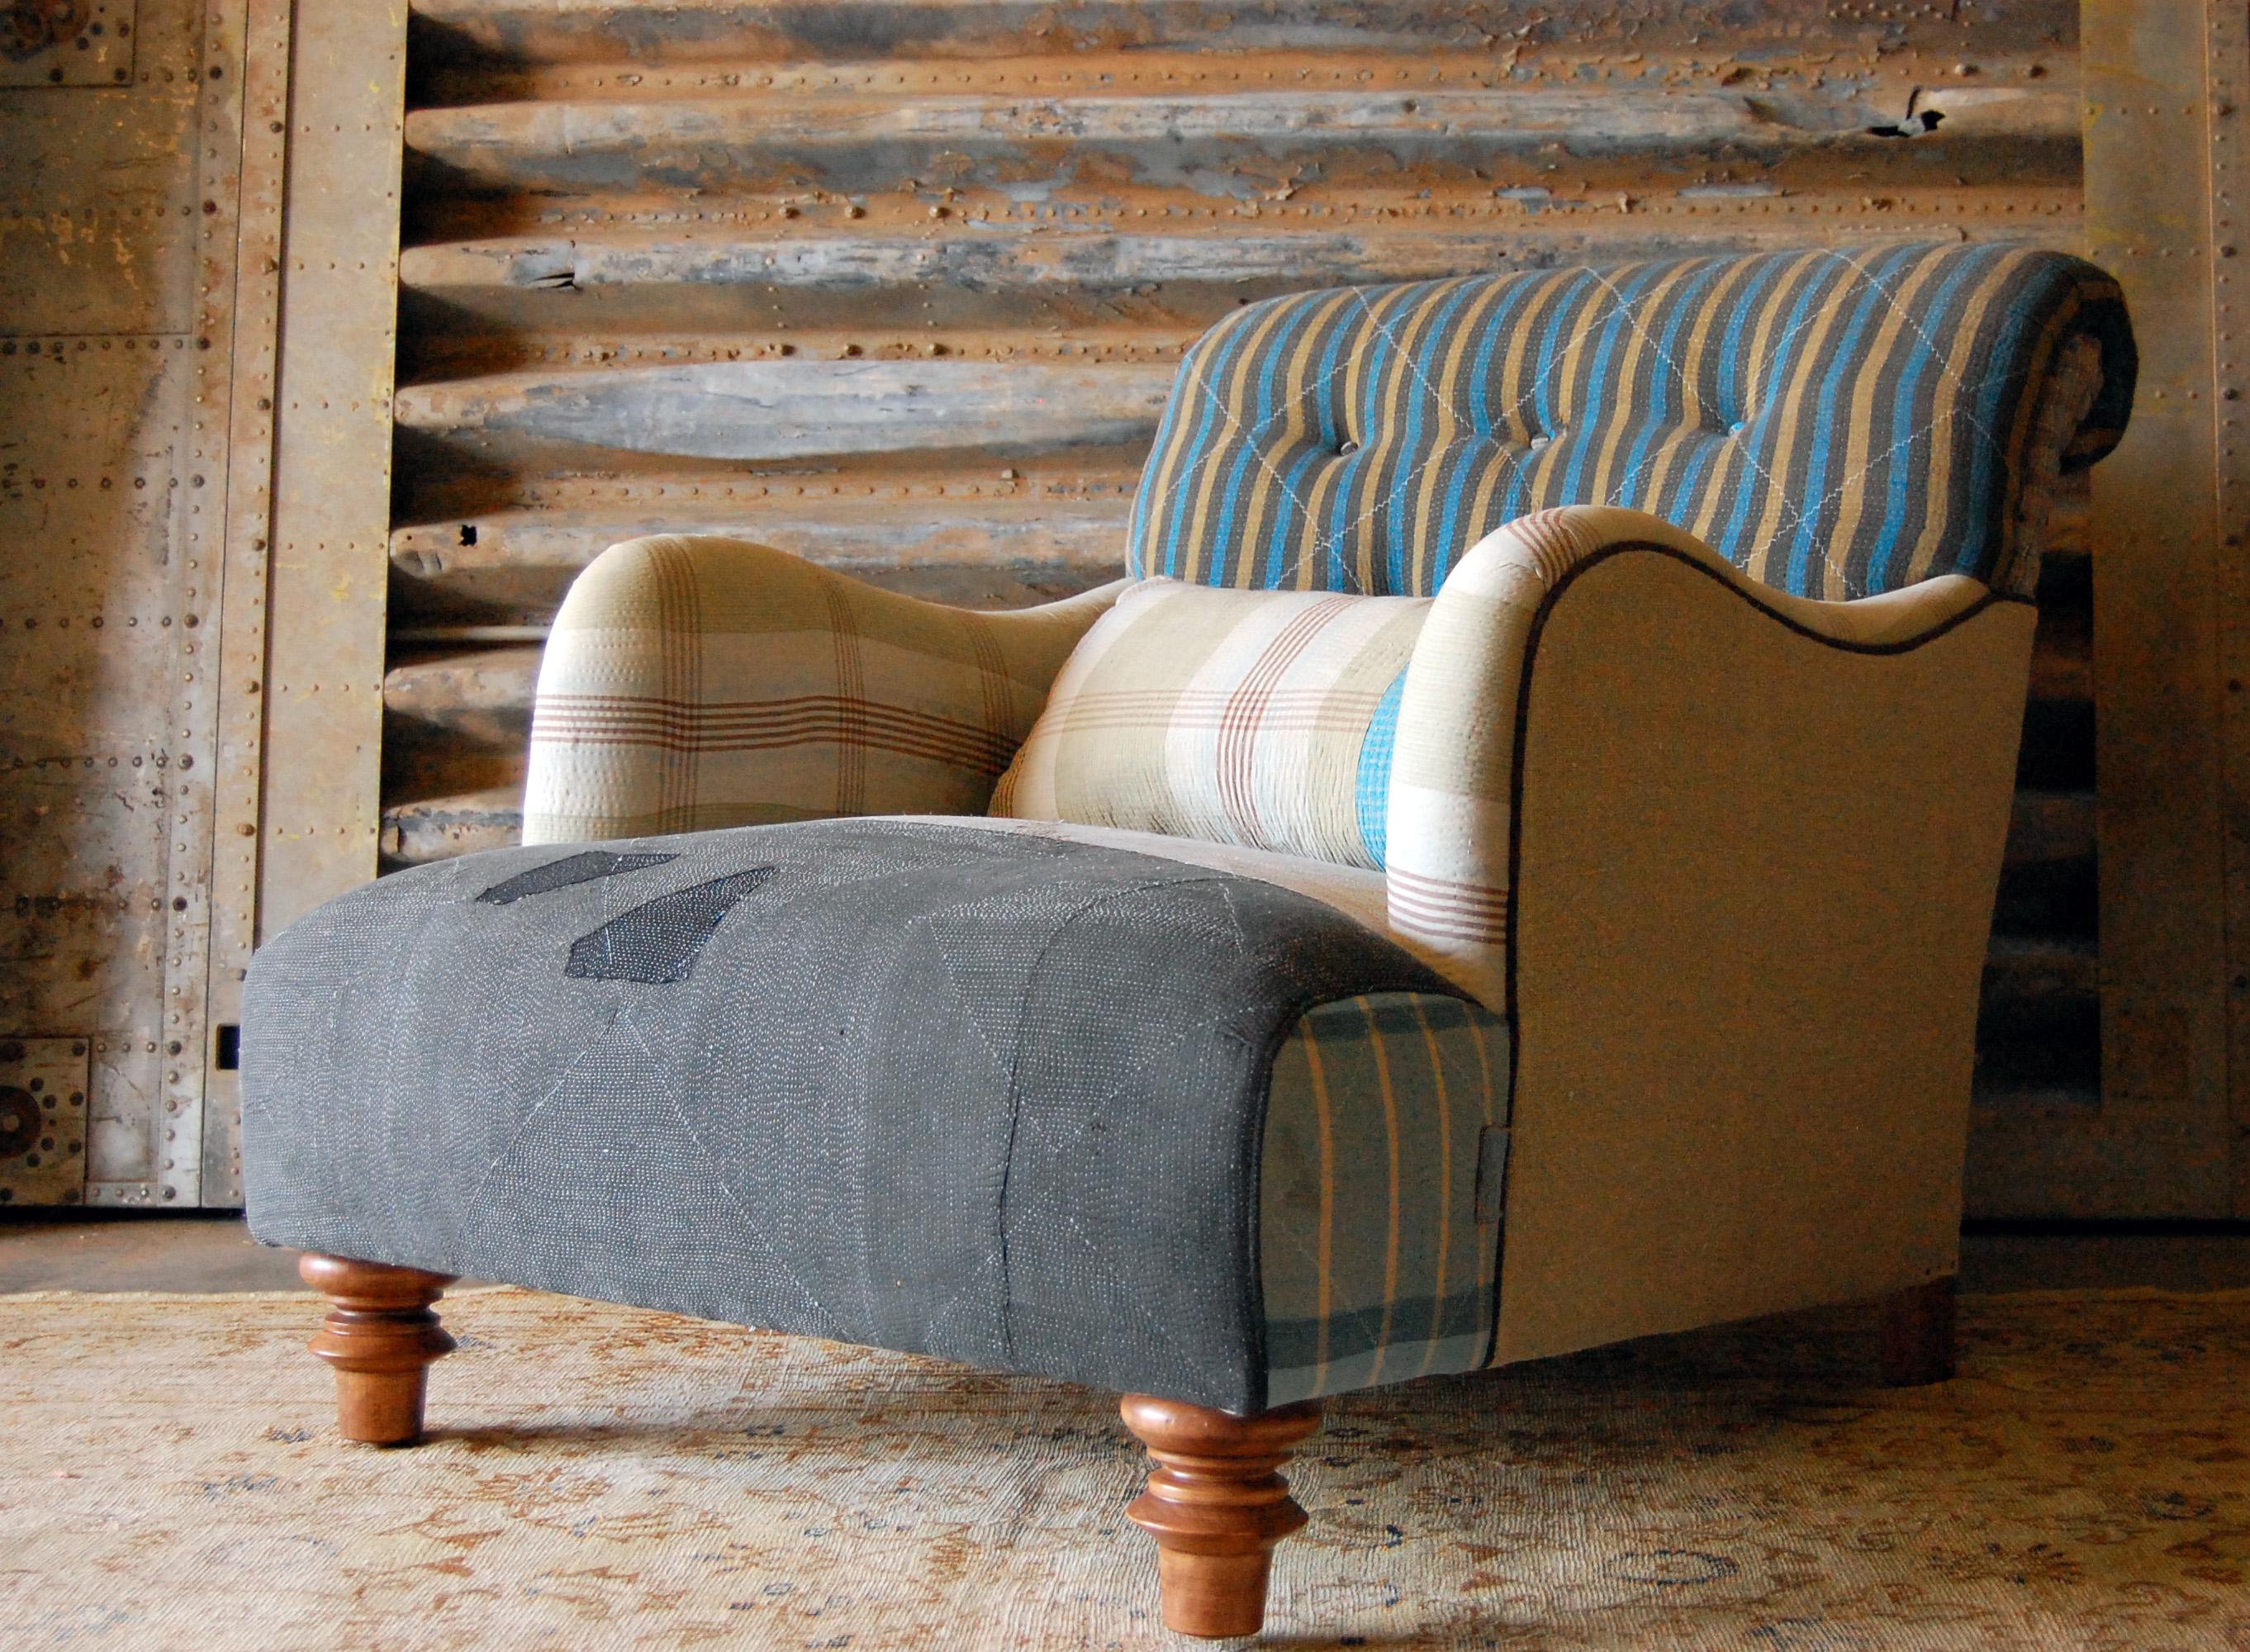 blanket.chair.2 & upholstery | Simple Things Blog